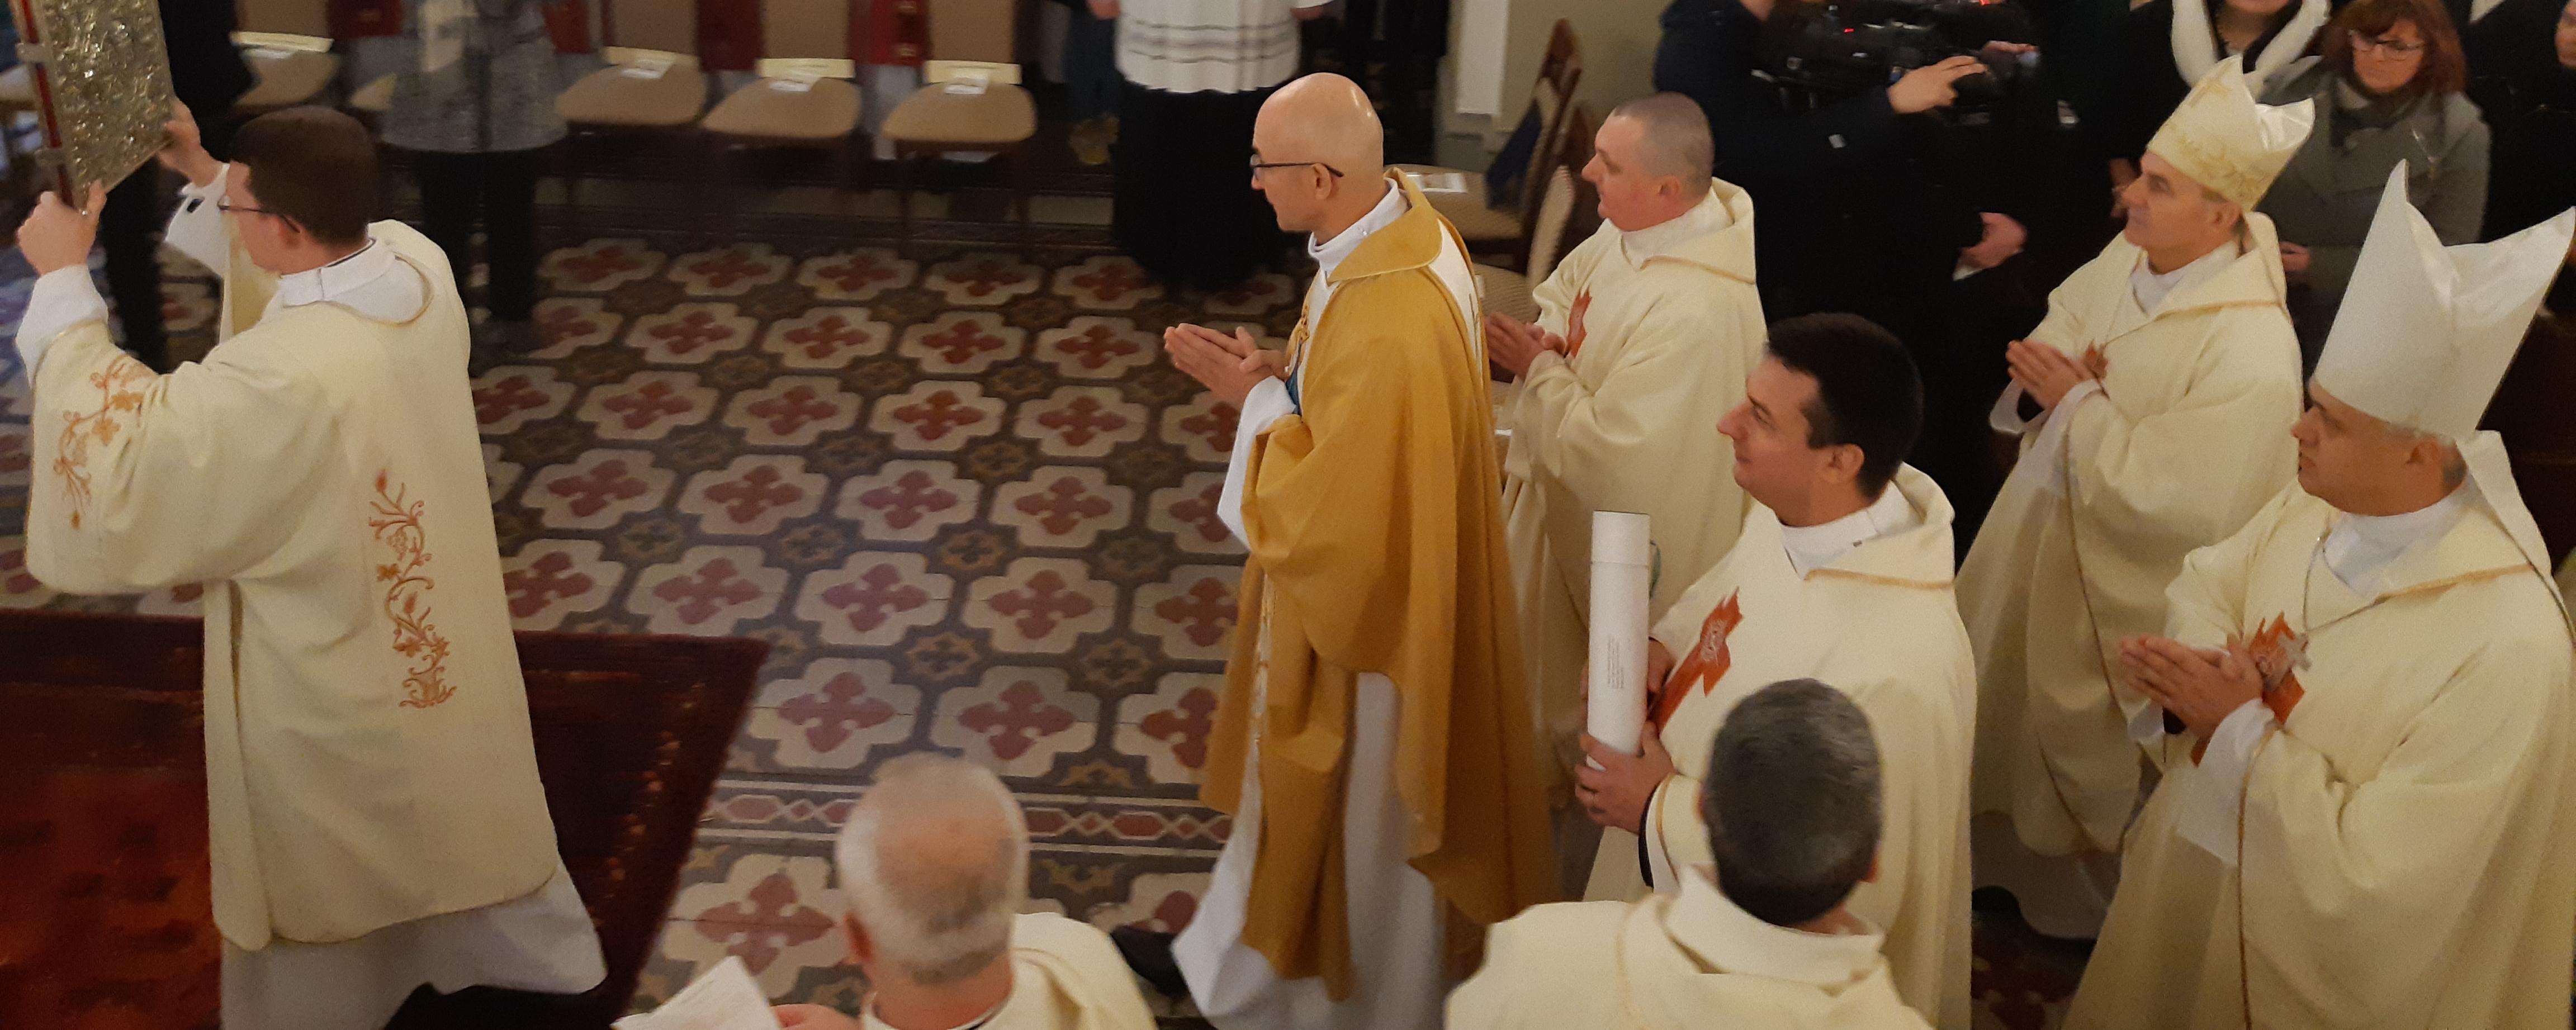 święcenia, biskup, Adrian Galbas, Ełk, katedra św. Wojciecha, Msza Święta